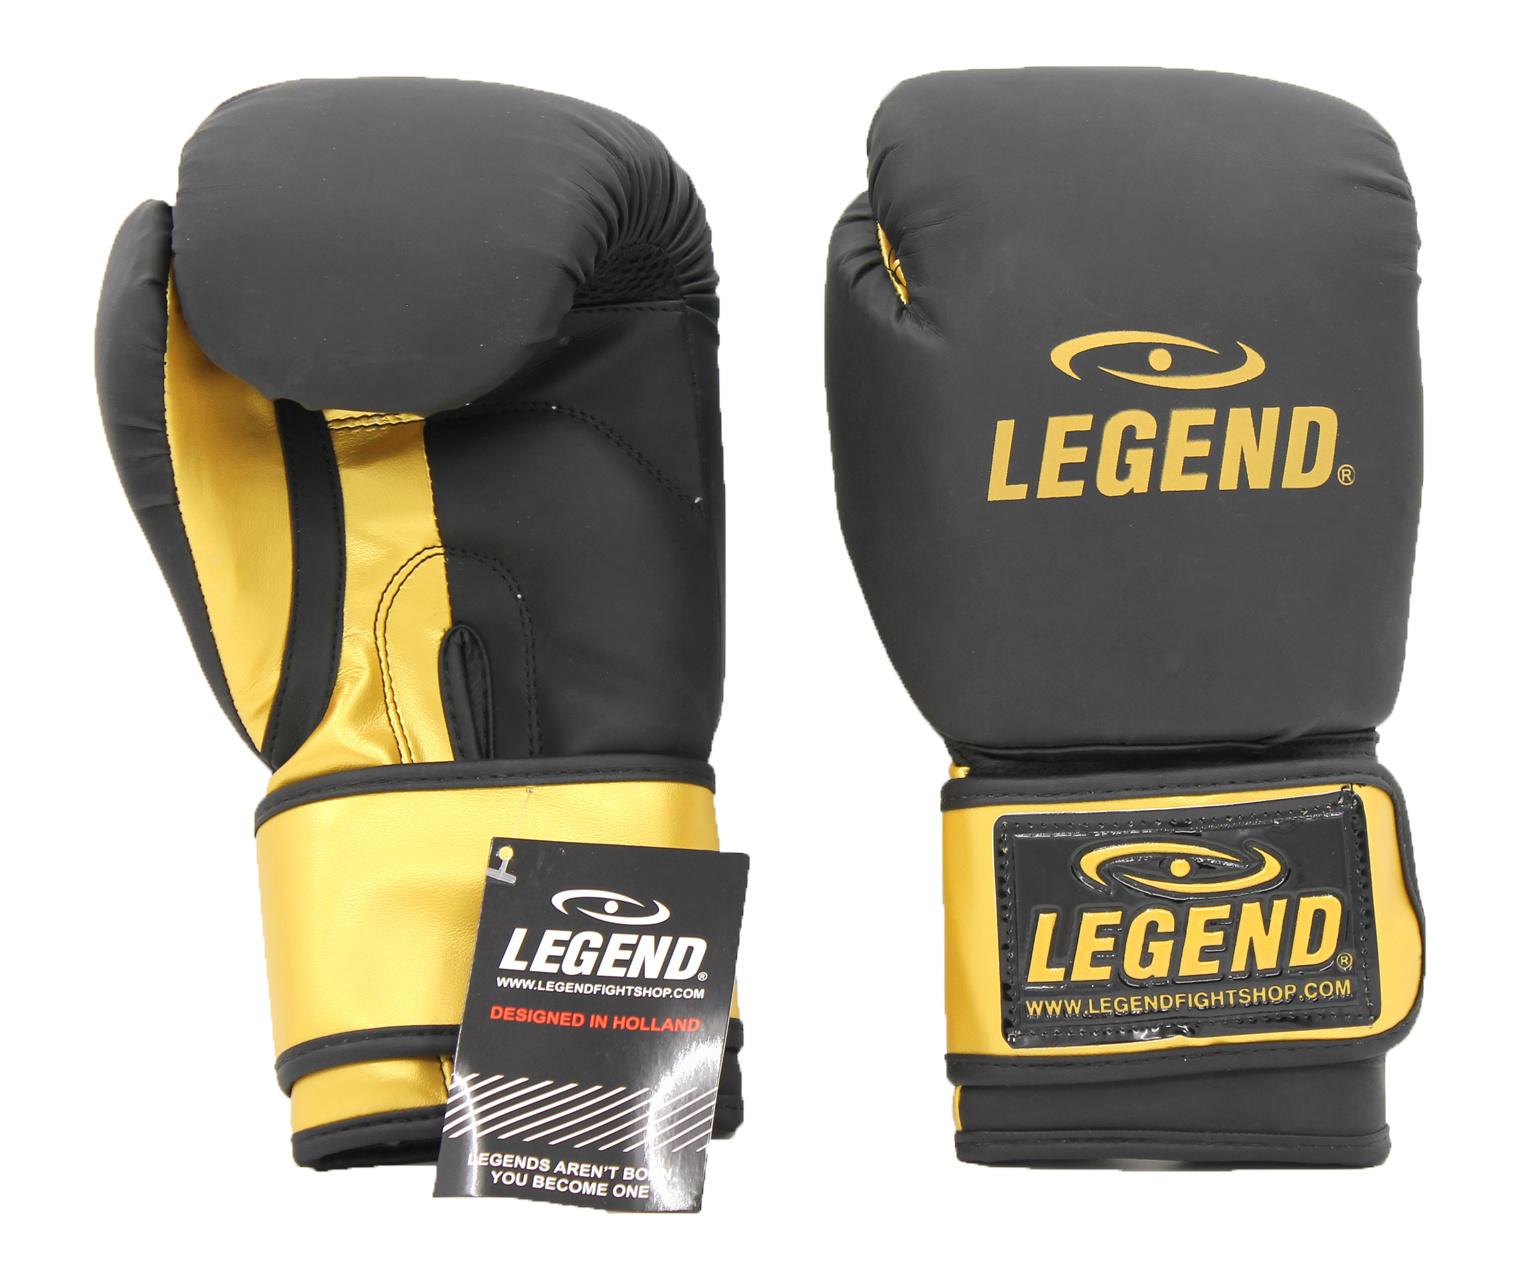 Bokshandschoenen LegendDry & Protect Mat zwart/Goud